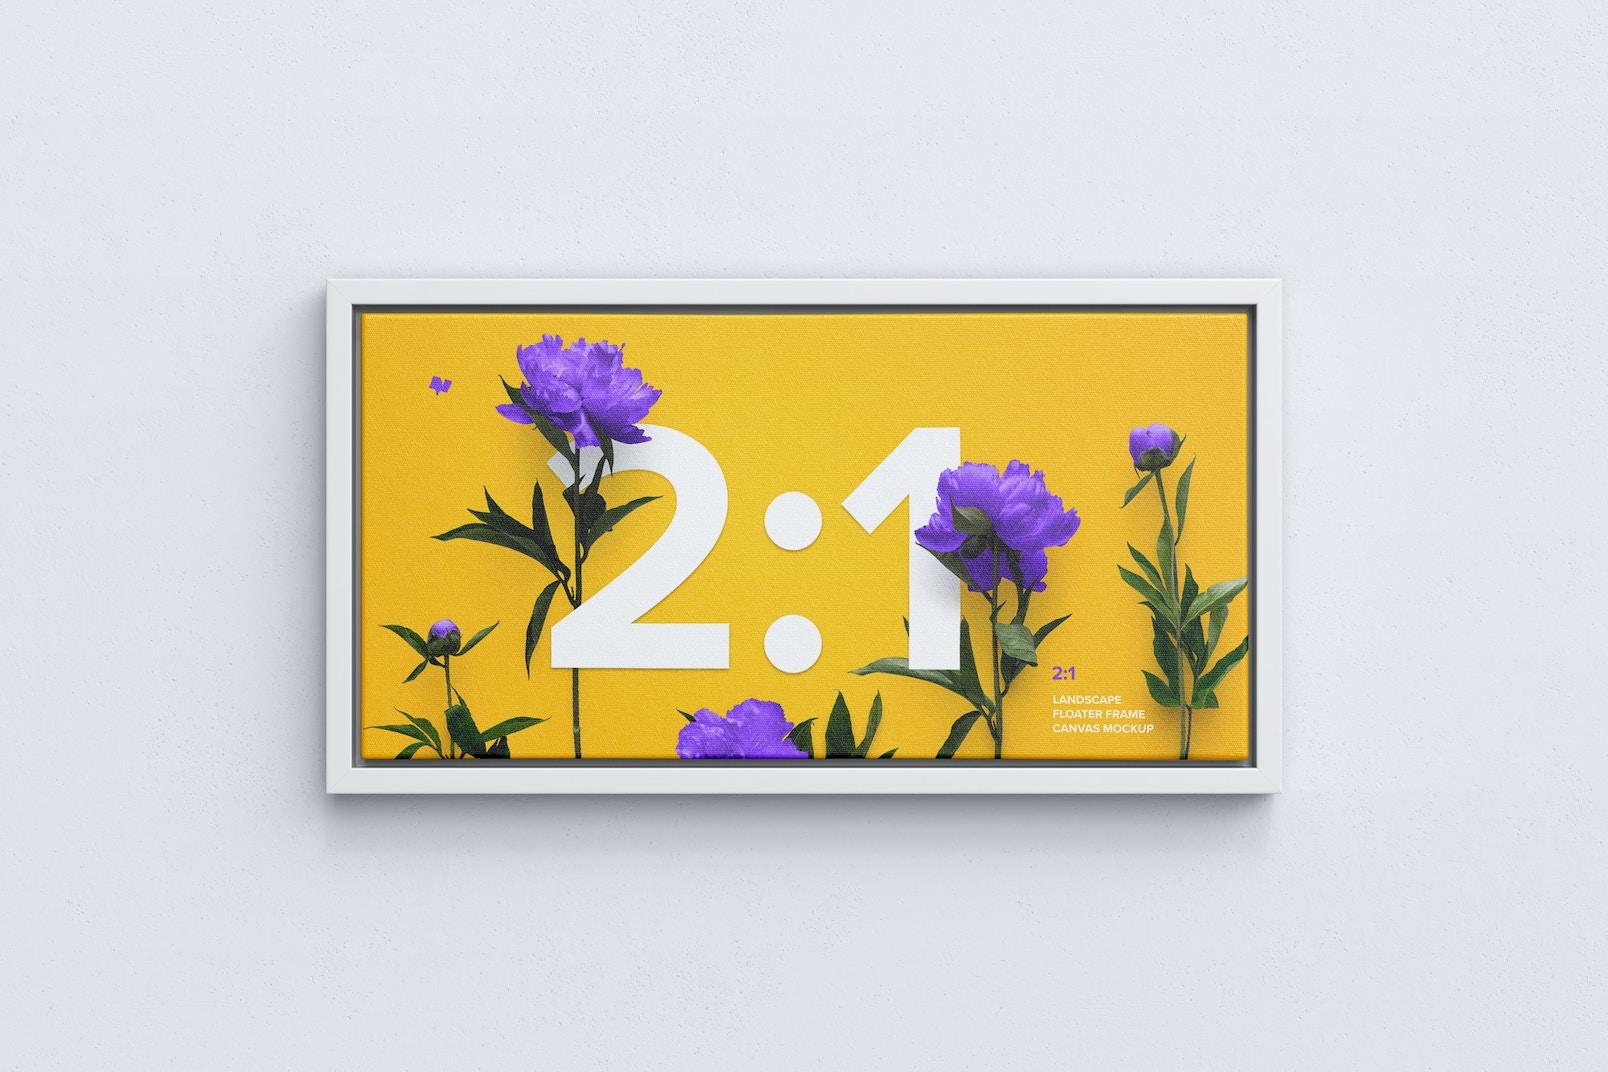 2:1 Landscape Canvas Mockup in Floater Frame, Front View